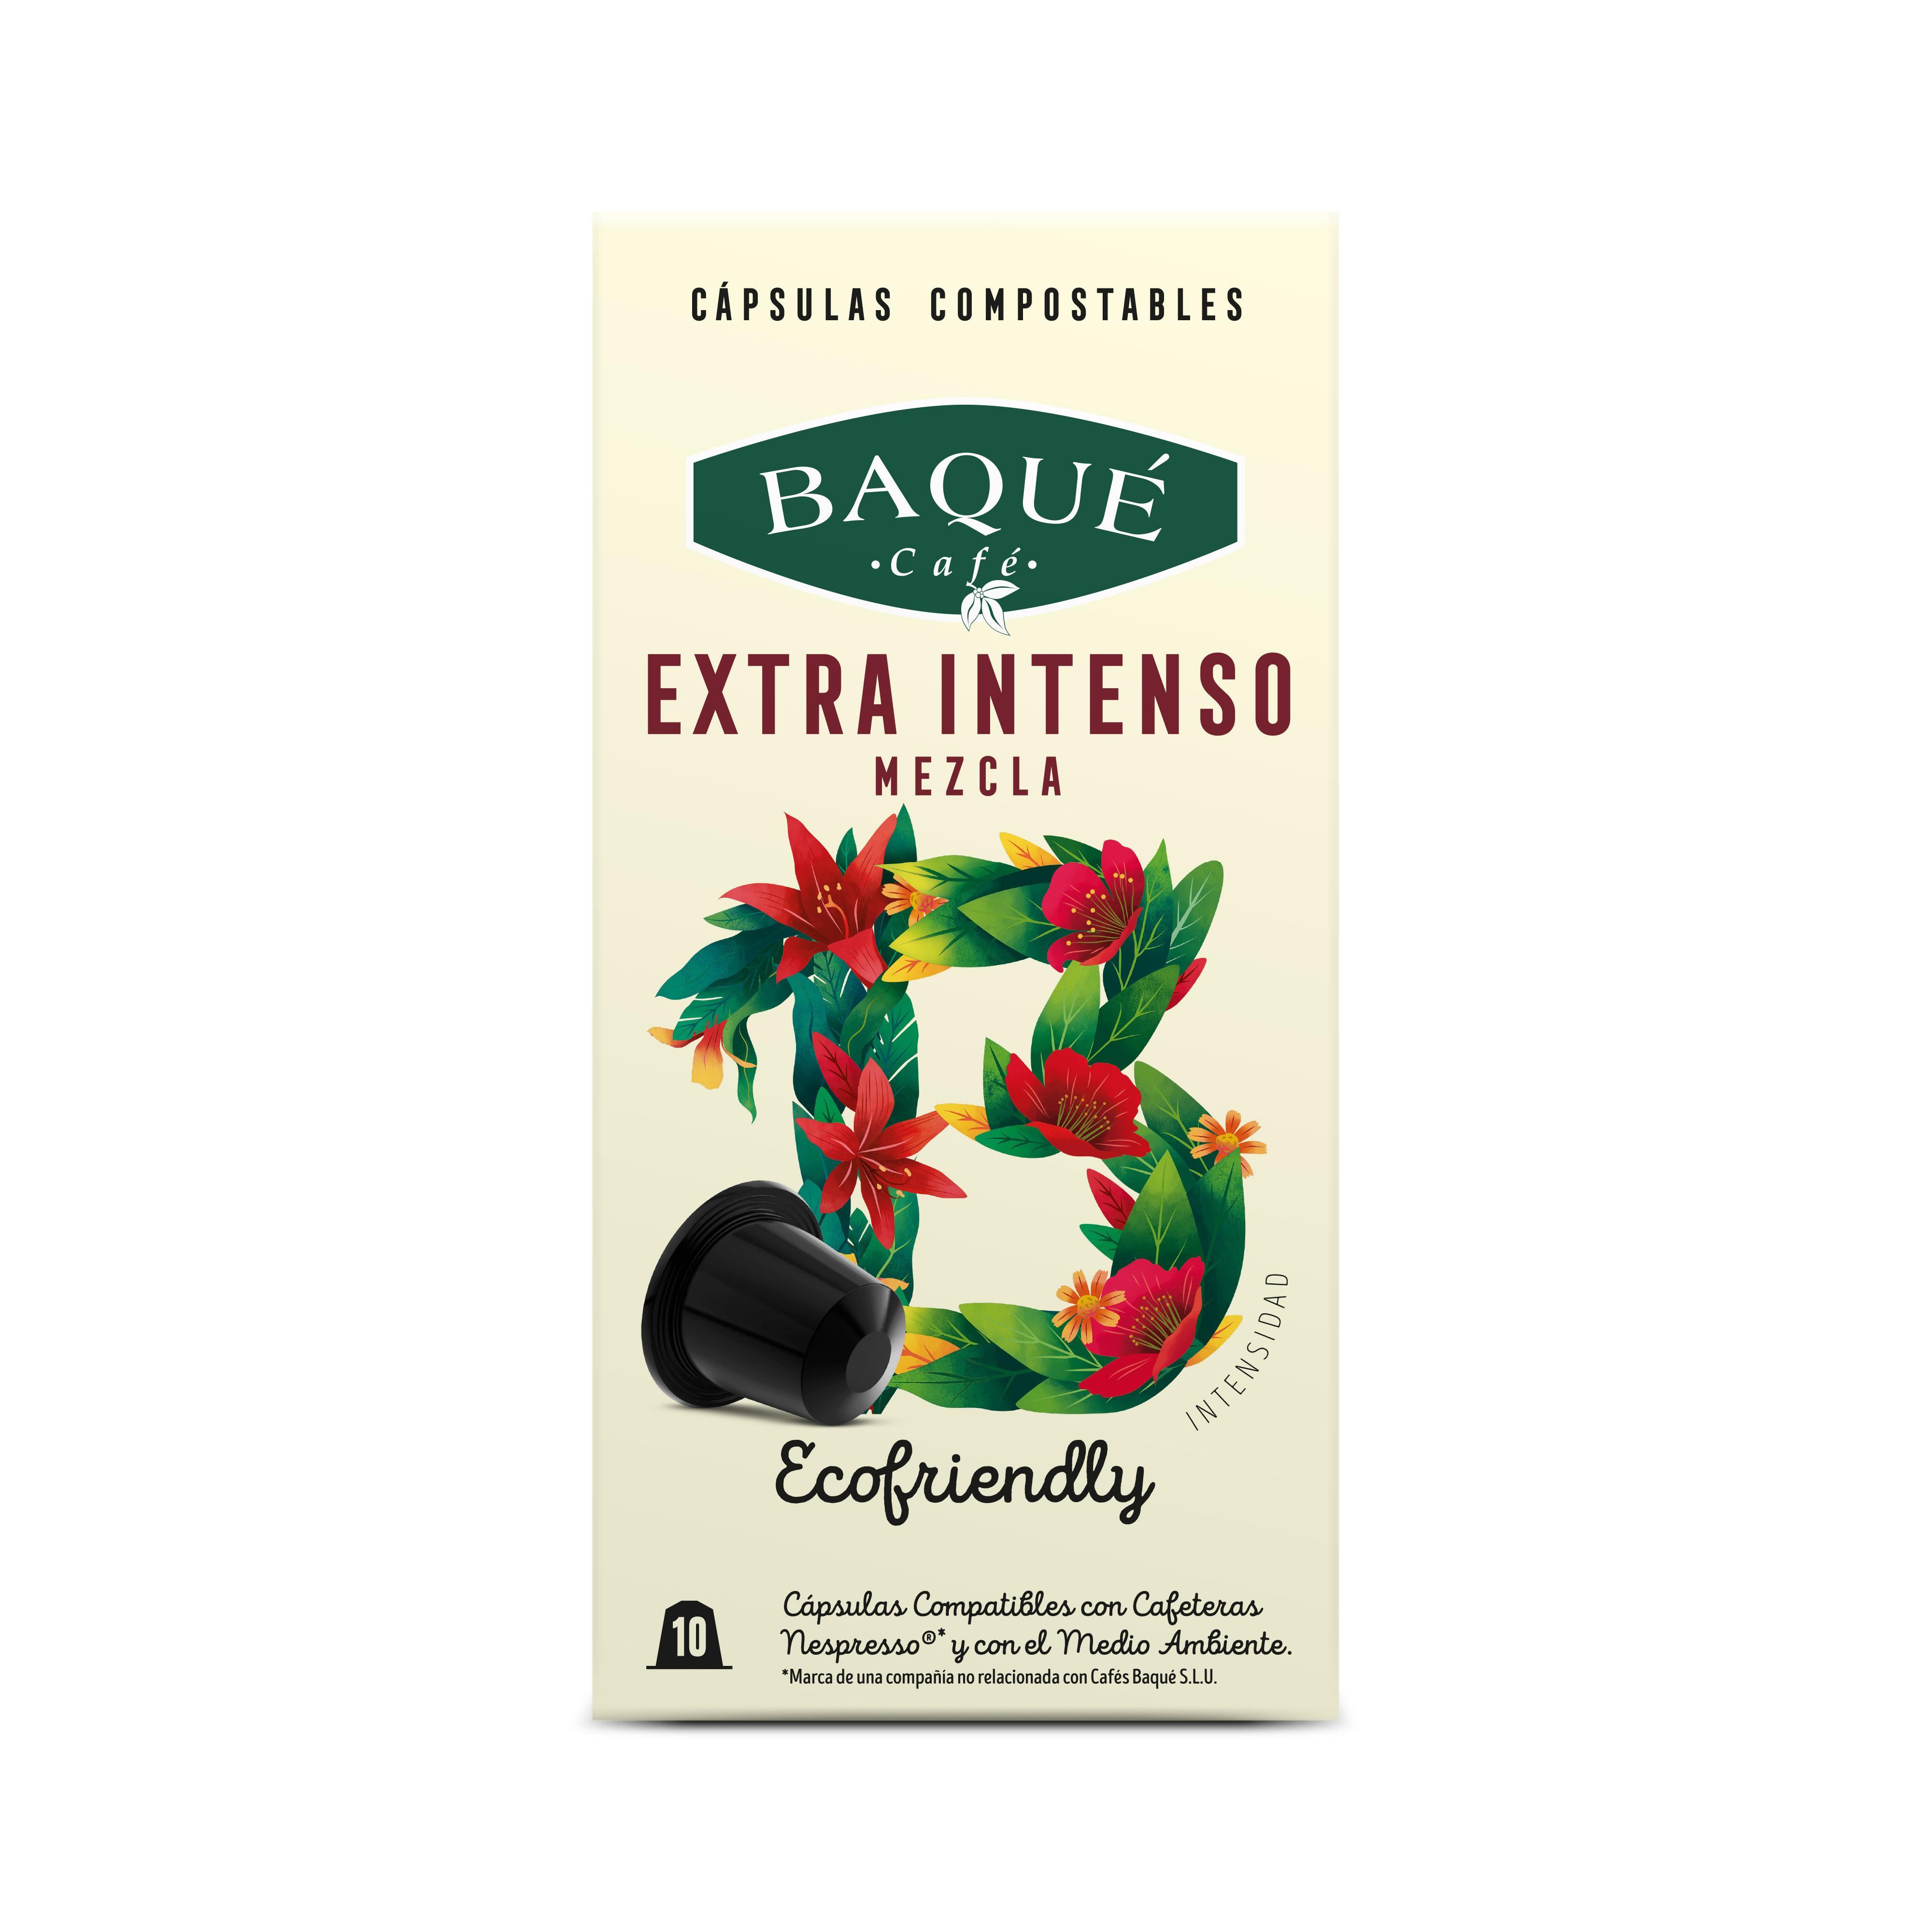 Zapore Estra Bizia 10 kapsula konpostagarri Nespresso®-rekin bateragarriak